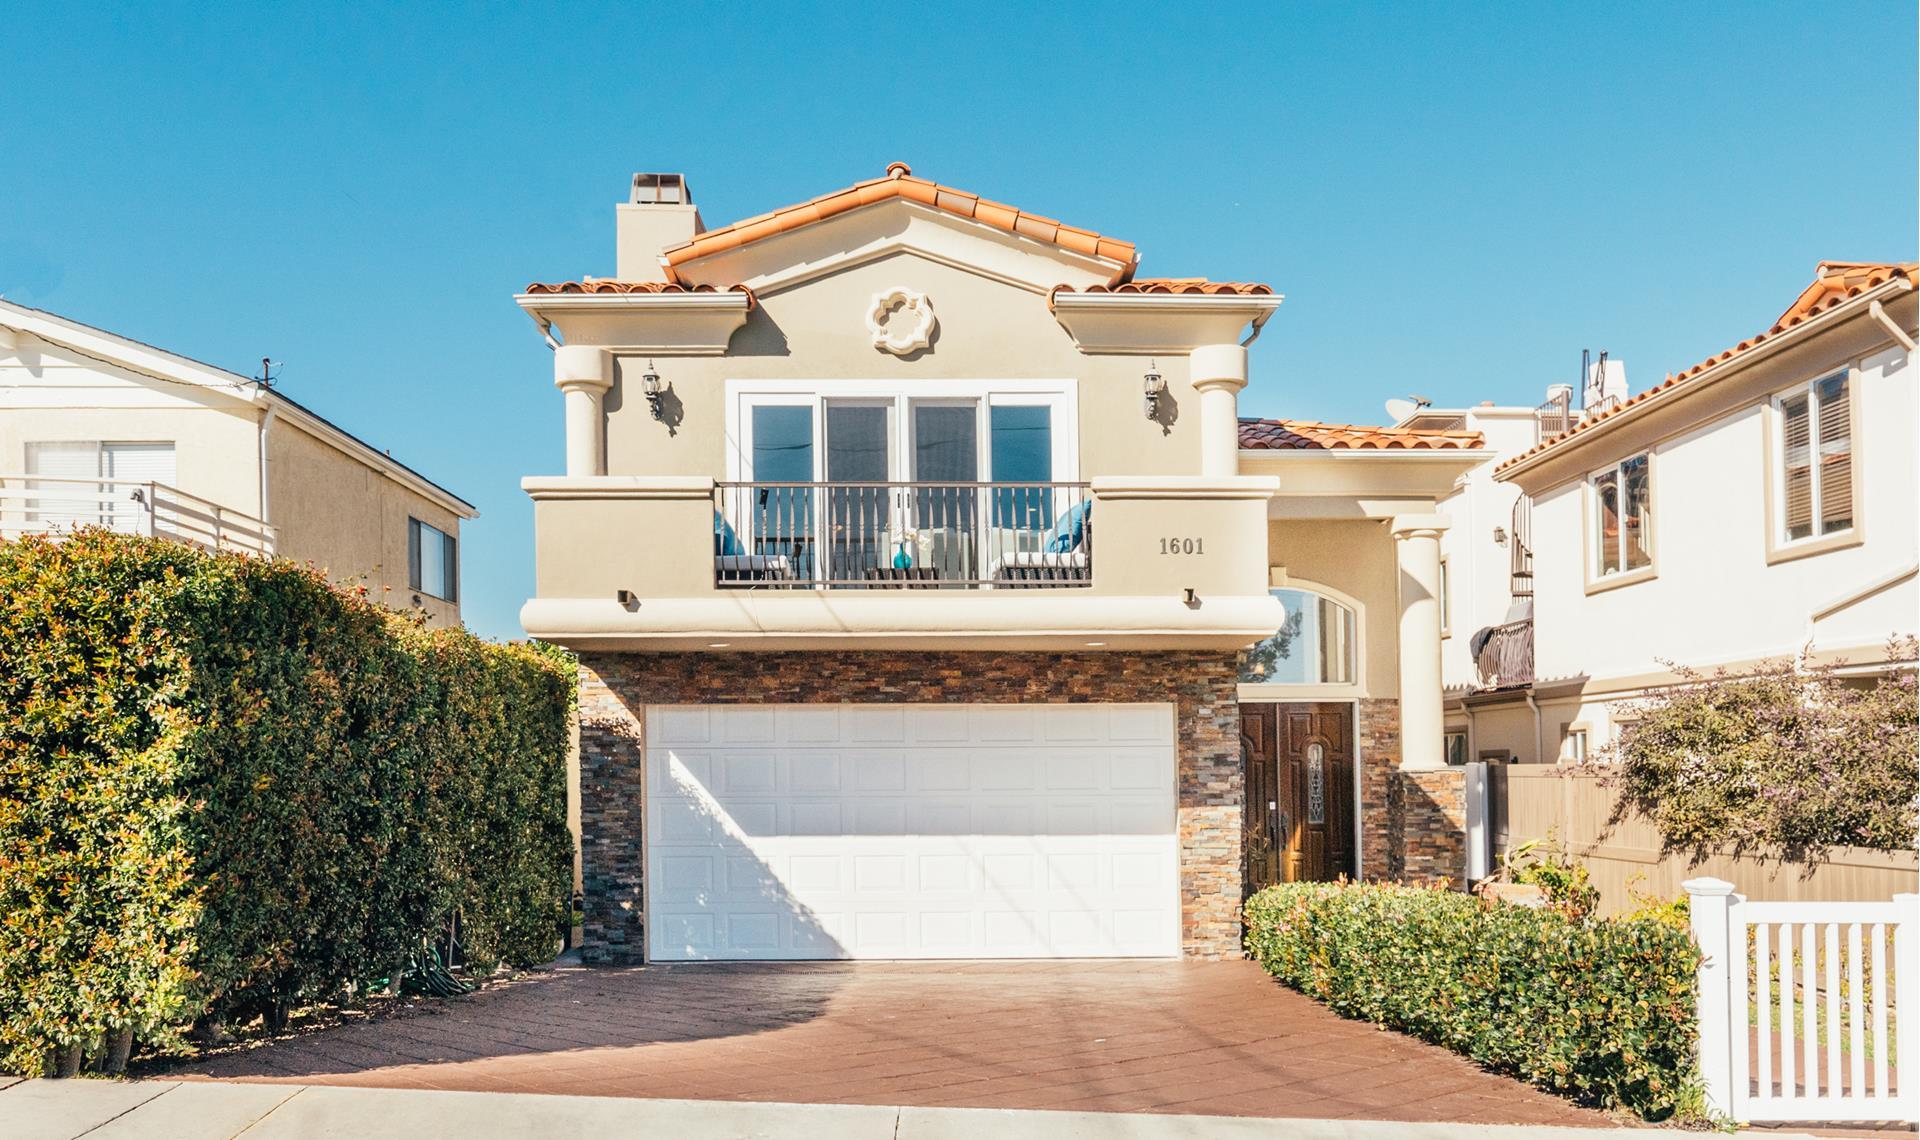 1601 BELMONT Lane - Redondo Beach, California